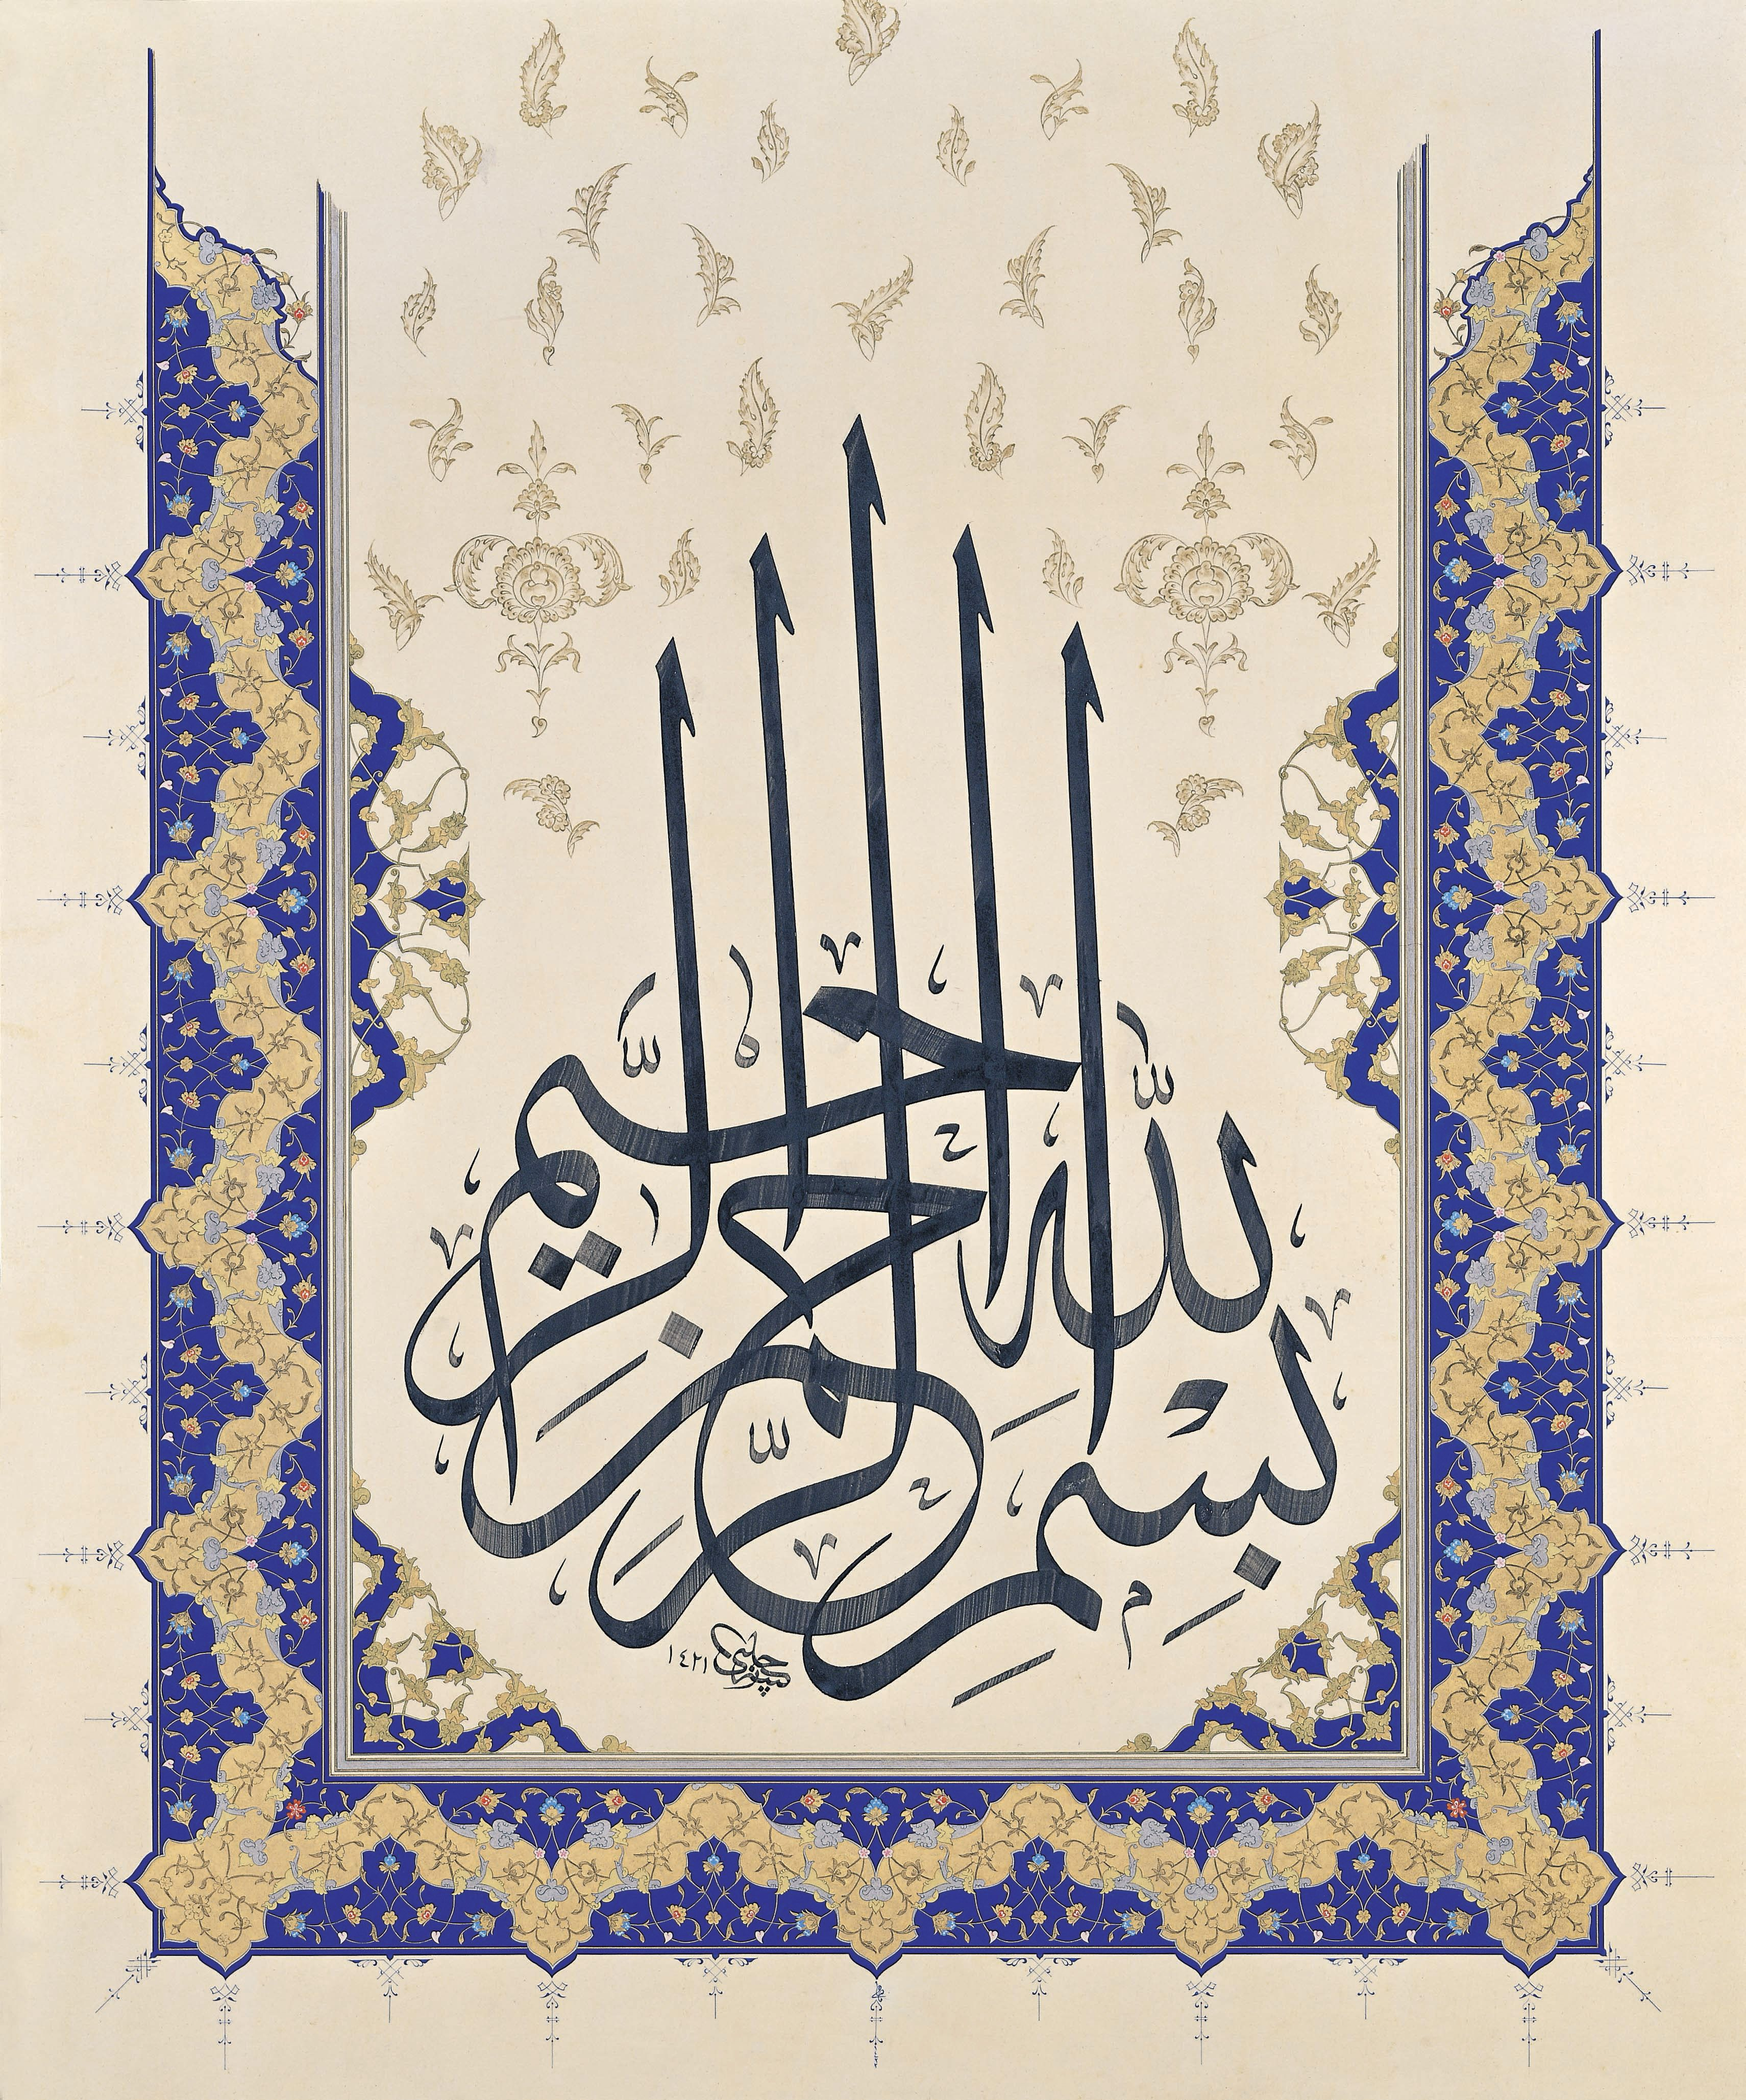 بيانات اللوحة بسملة بخط الثلث الجلي بتركيب دائري اسلوب أصيل مع زخرفة نباتية اسلامية بإسلوب تقل Islamic Art Calligraphy Arabic Calligraphy Art Islamic Art